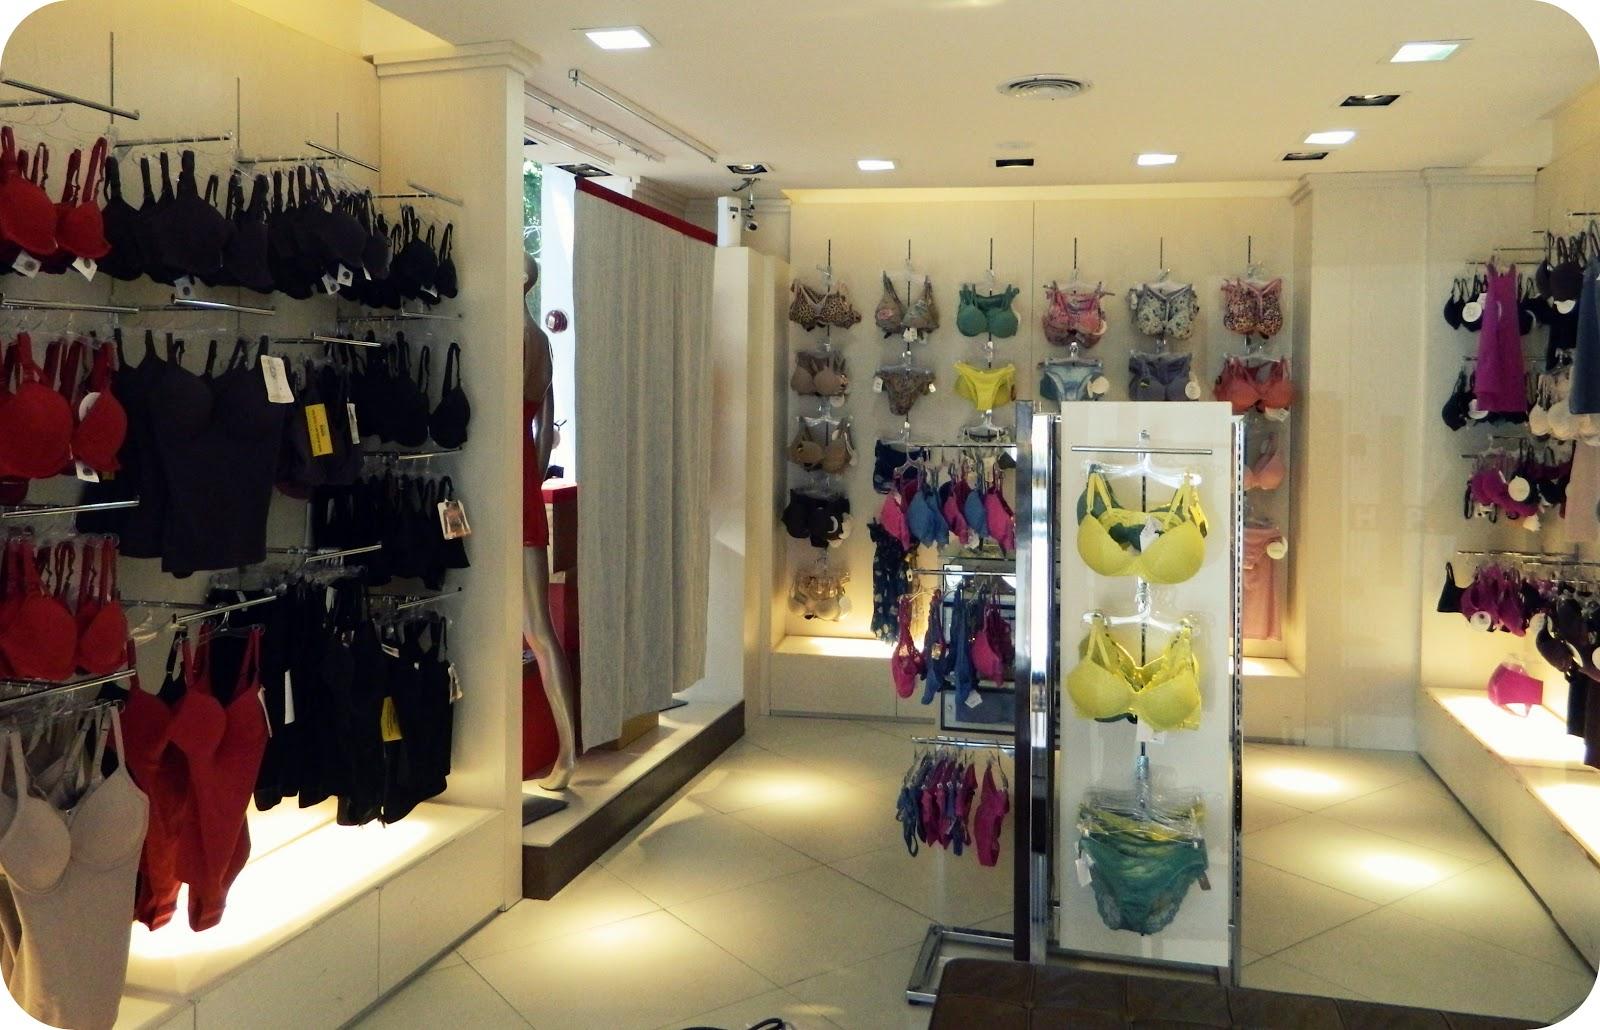 Desde el vestidor diciembre 2012 for Ideas para decorar un local de ropa interior